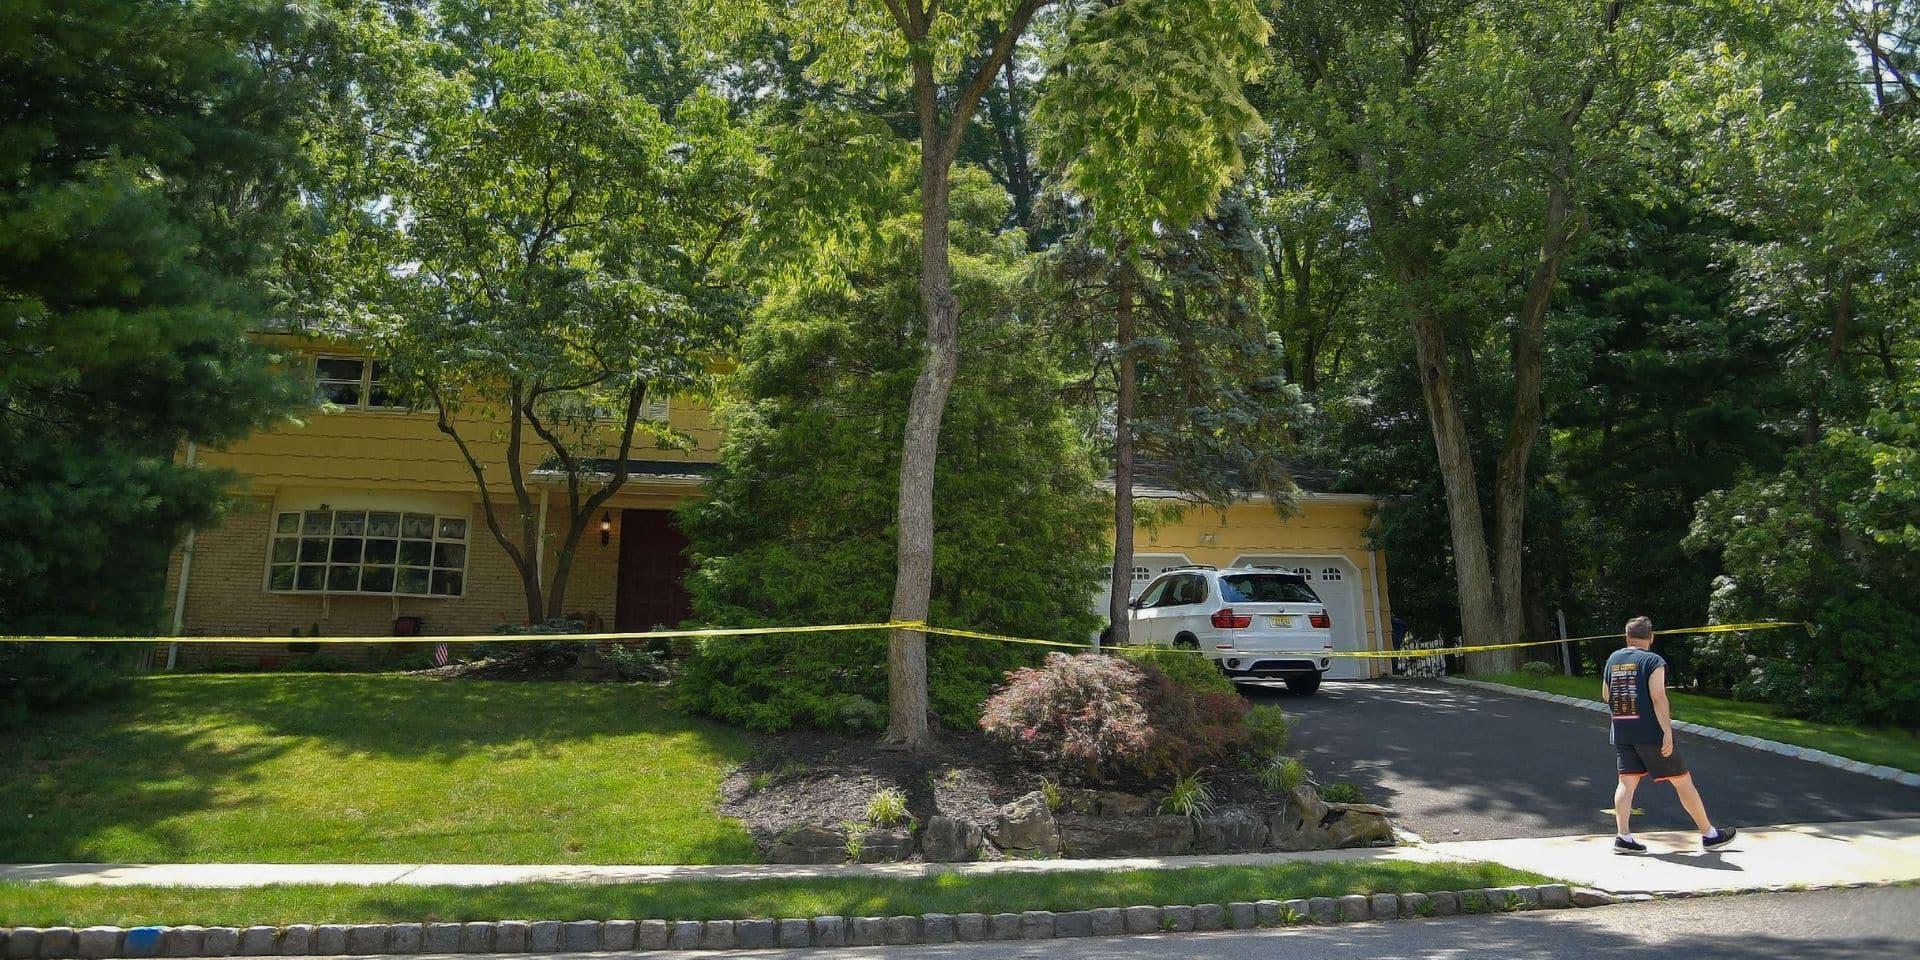 États-Unis: principal suspect dans la mort du fils d'une juge, un avocat anti-féministe soupçonné a été retrouvé mort